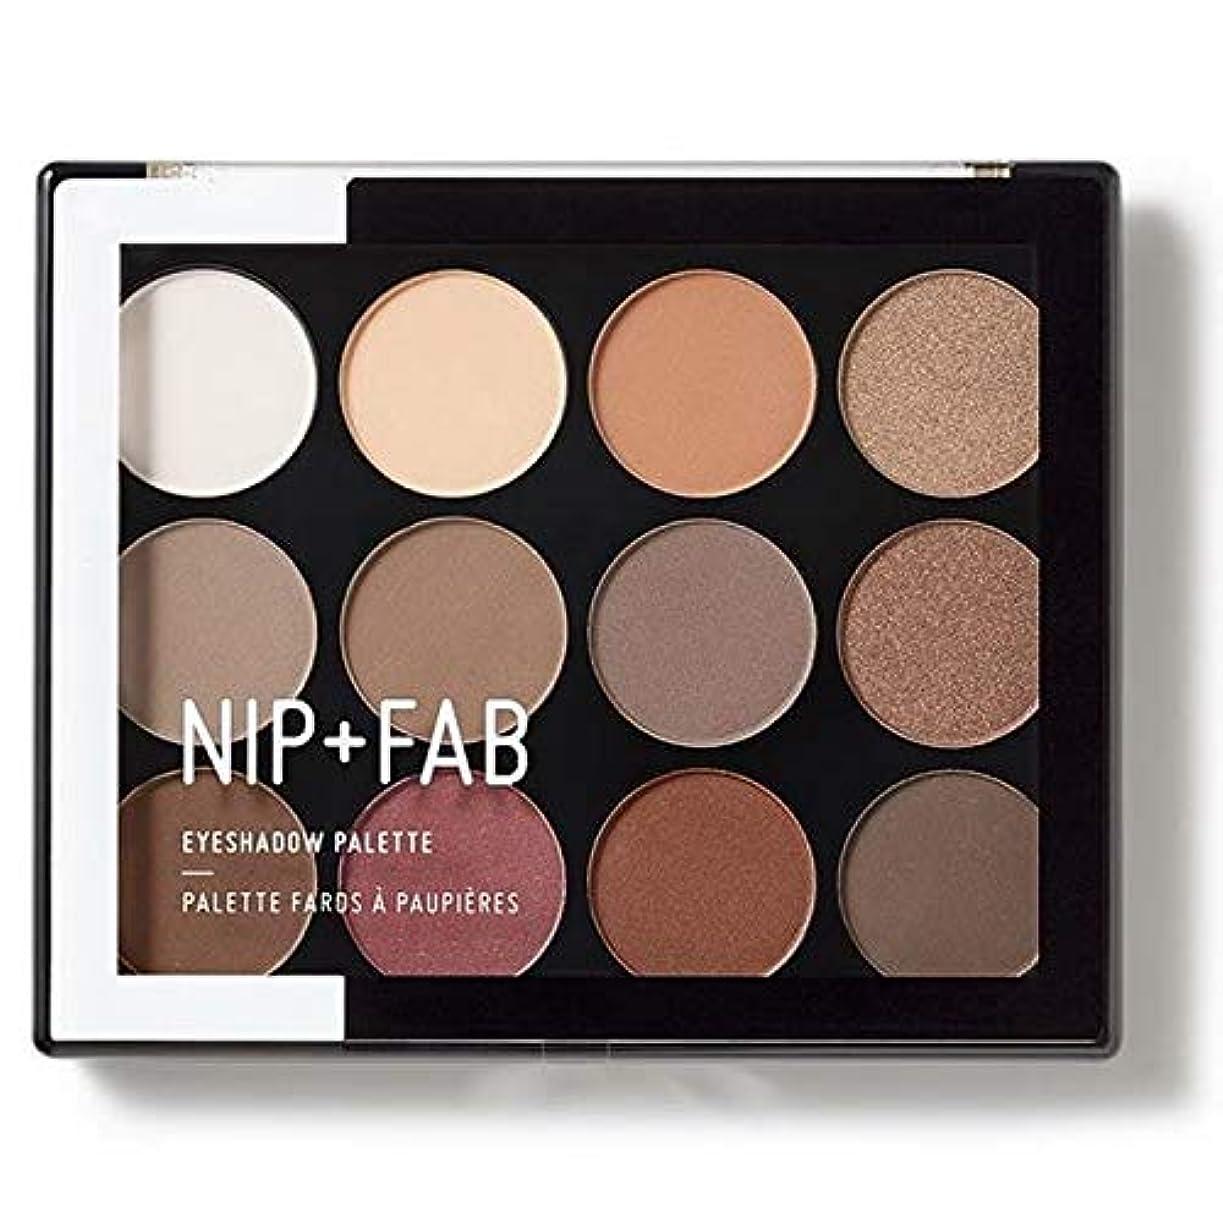 眠る現在更新する[Nip & Fab ] アイシャドウパレット12グラムが1を彫刻作るFab +ニップ - NIP+FAB Make Up Eyeshadow Palette 12g Sculpted 1 [並行輸入品]